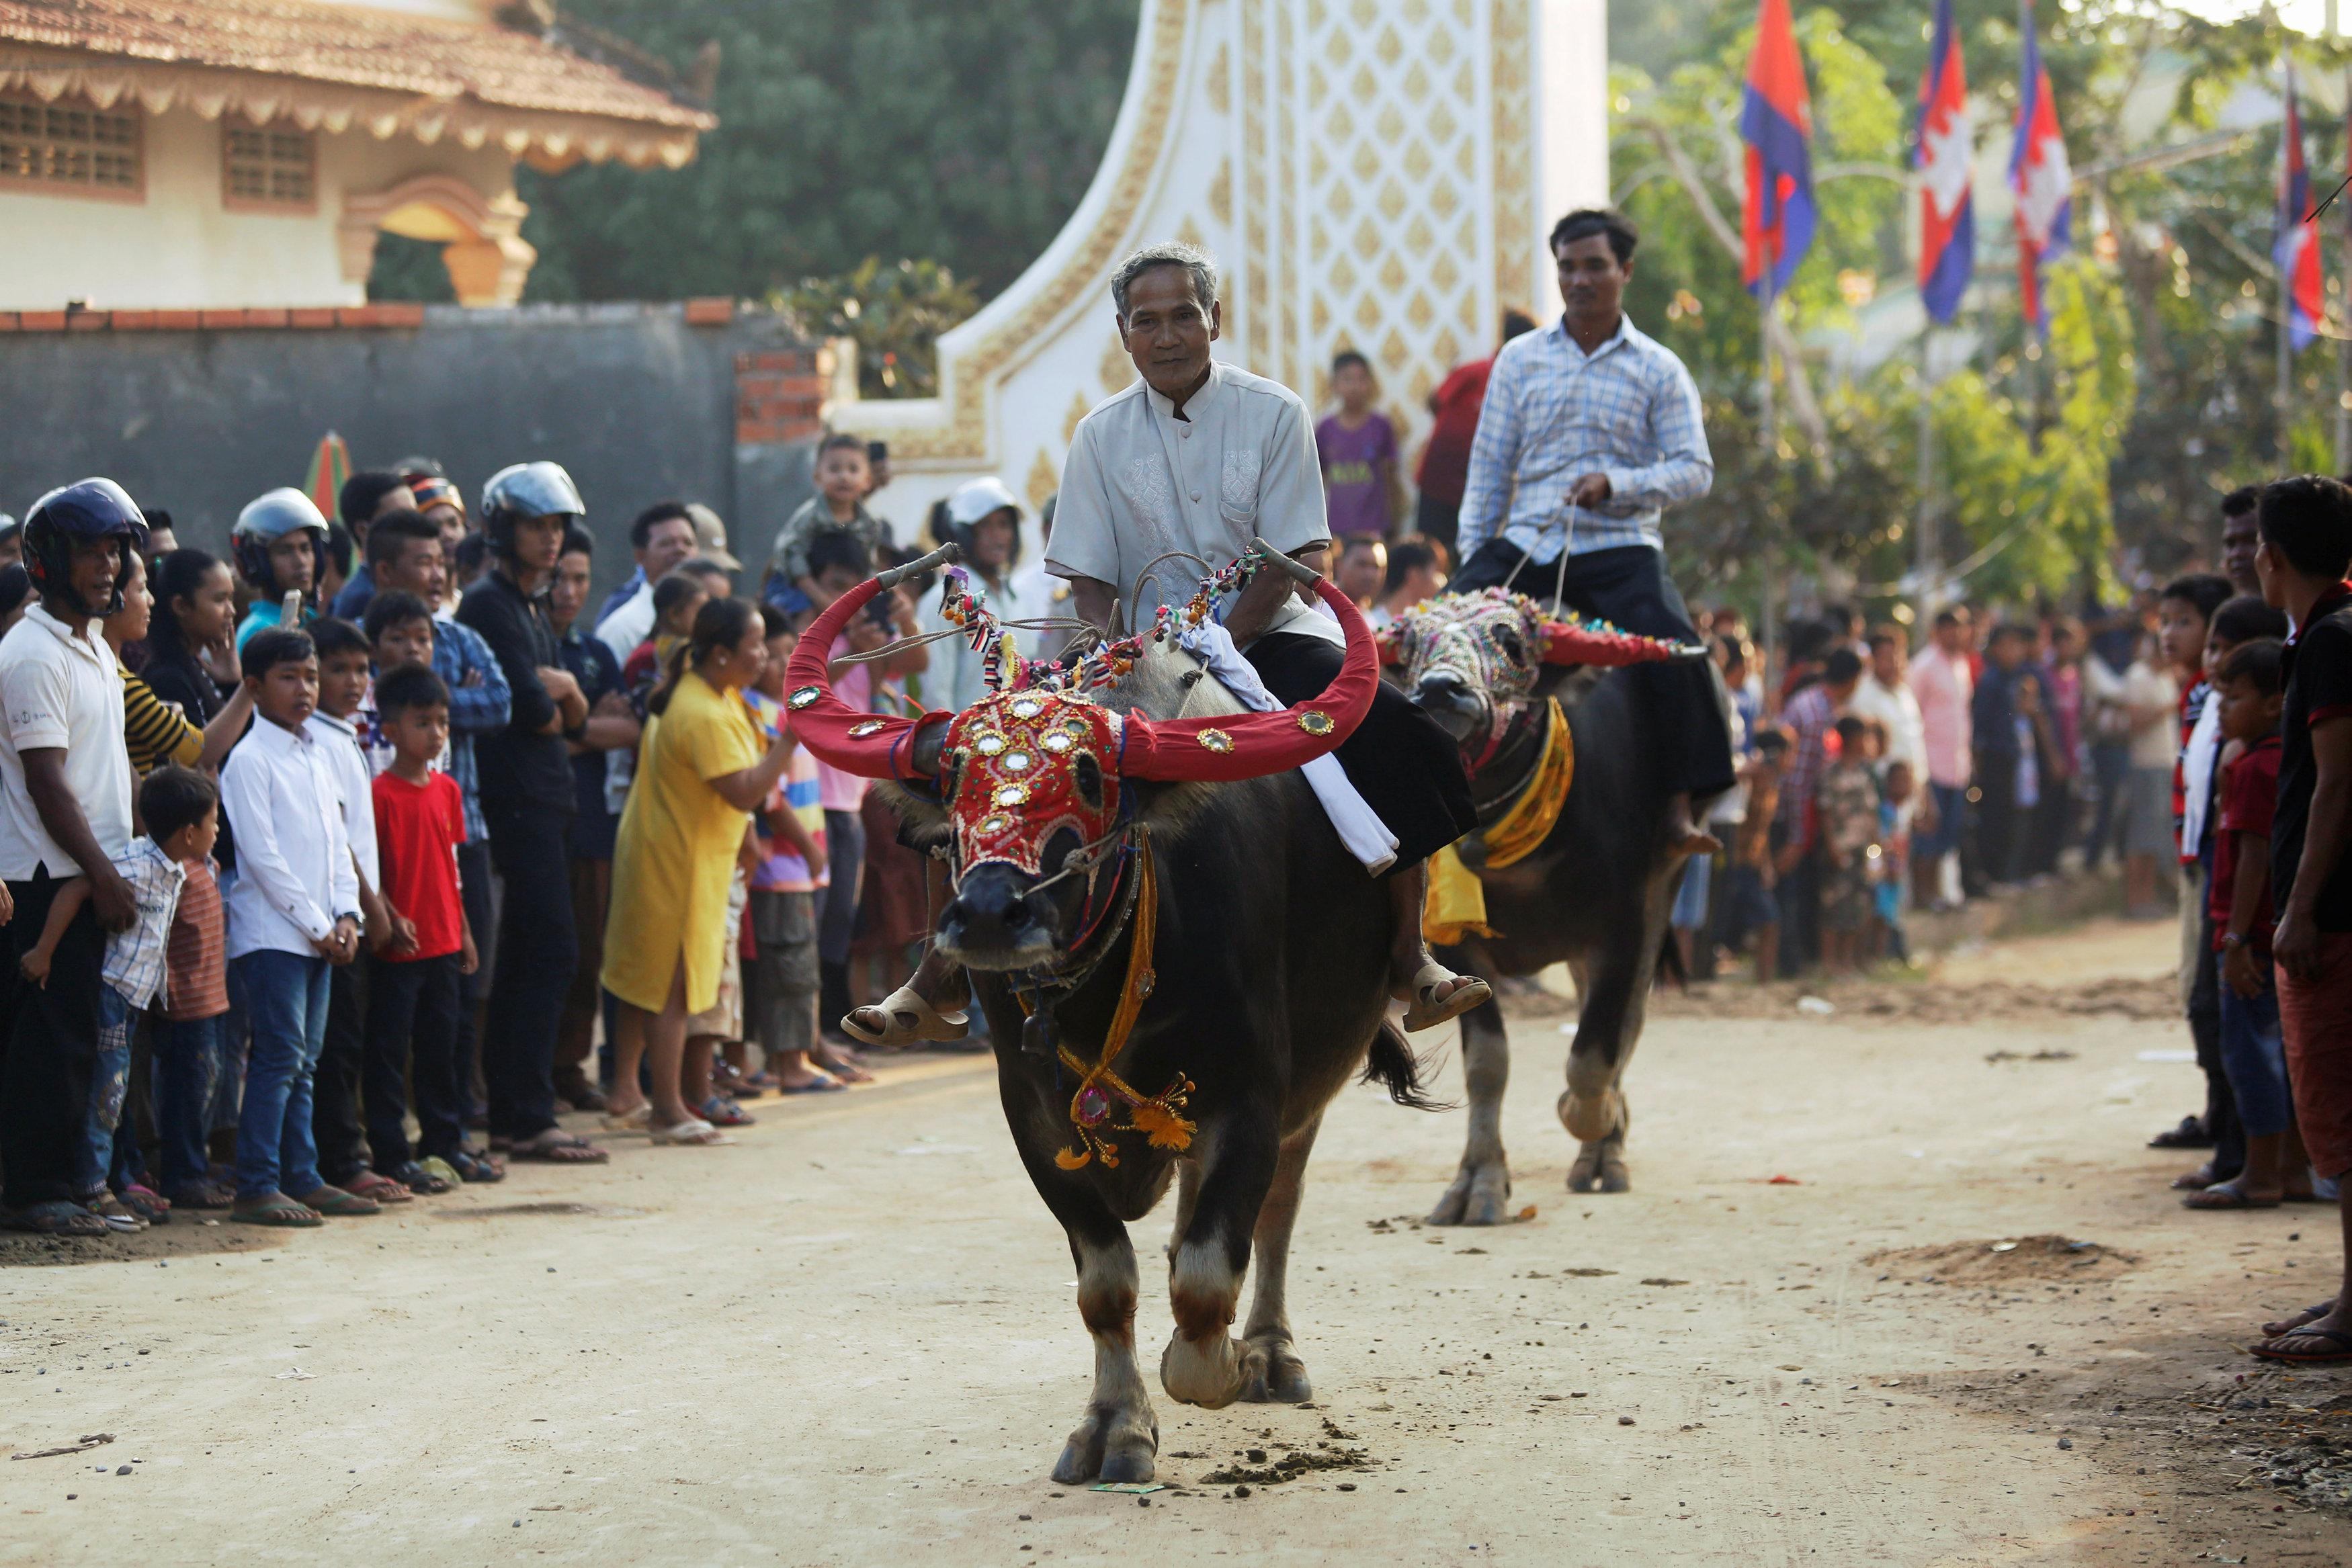 جانب من الاحتفالات بمهرجان الموتى فى كمبوديا